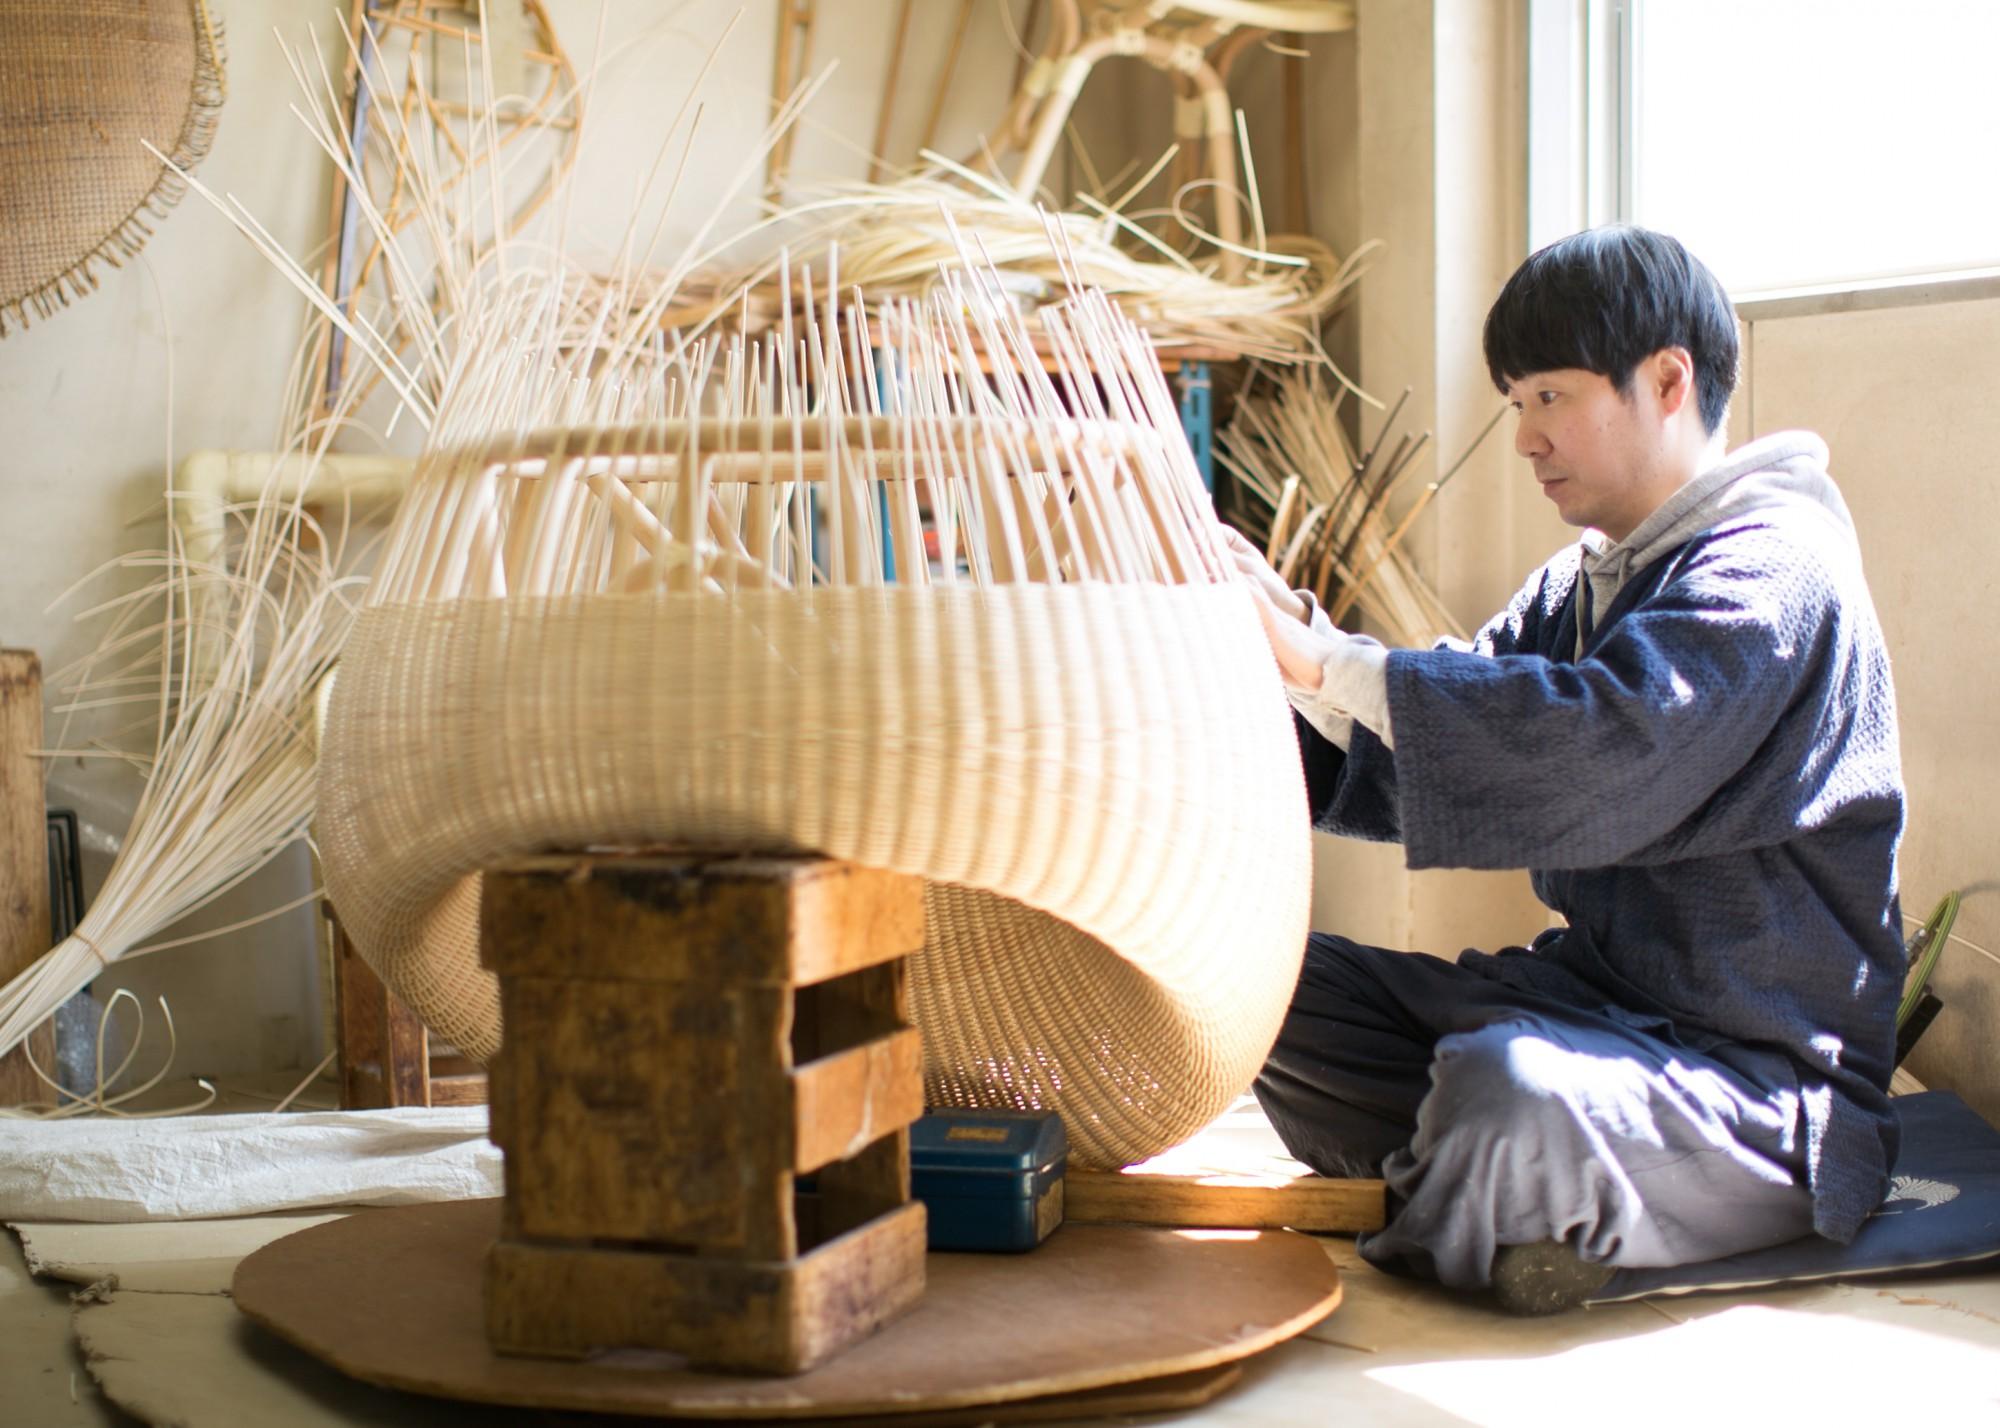 春の日差しが降り注ぐ工房で、黙々と手仕事に勤しむ和田歩さん。経験に裏打ちされた勘と日々研鑽中の技術でこのフォルムが出来上がっていきます。